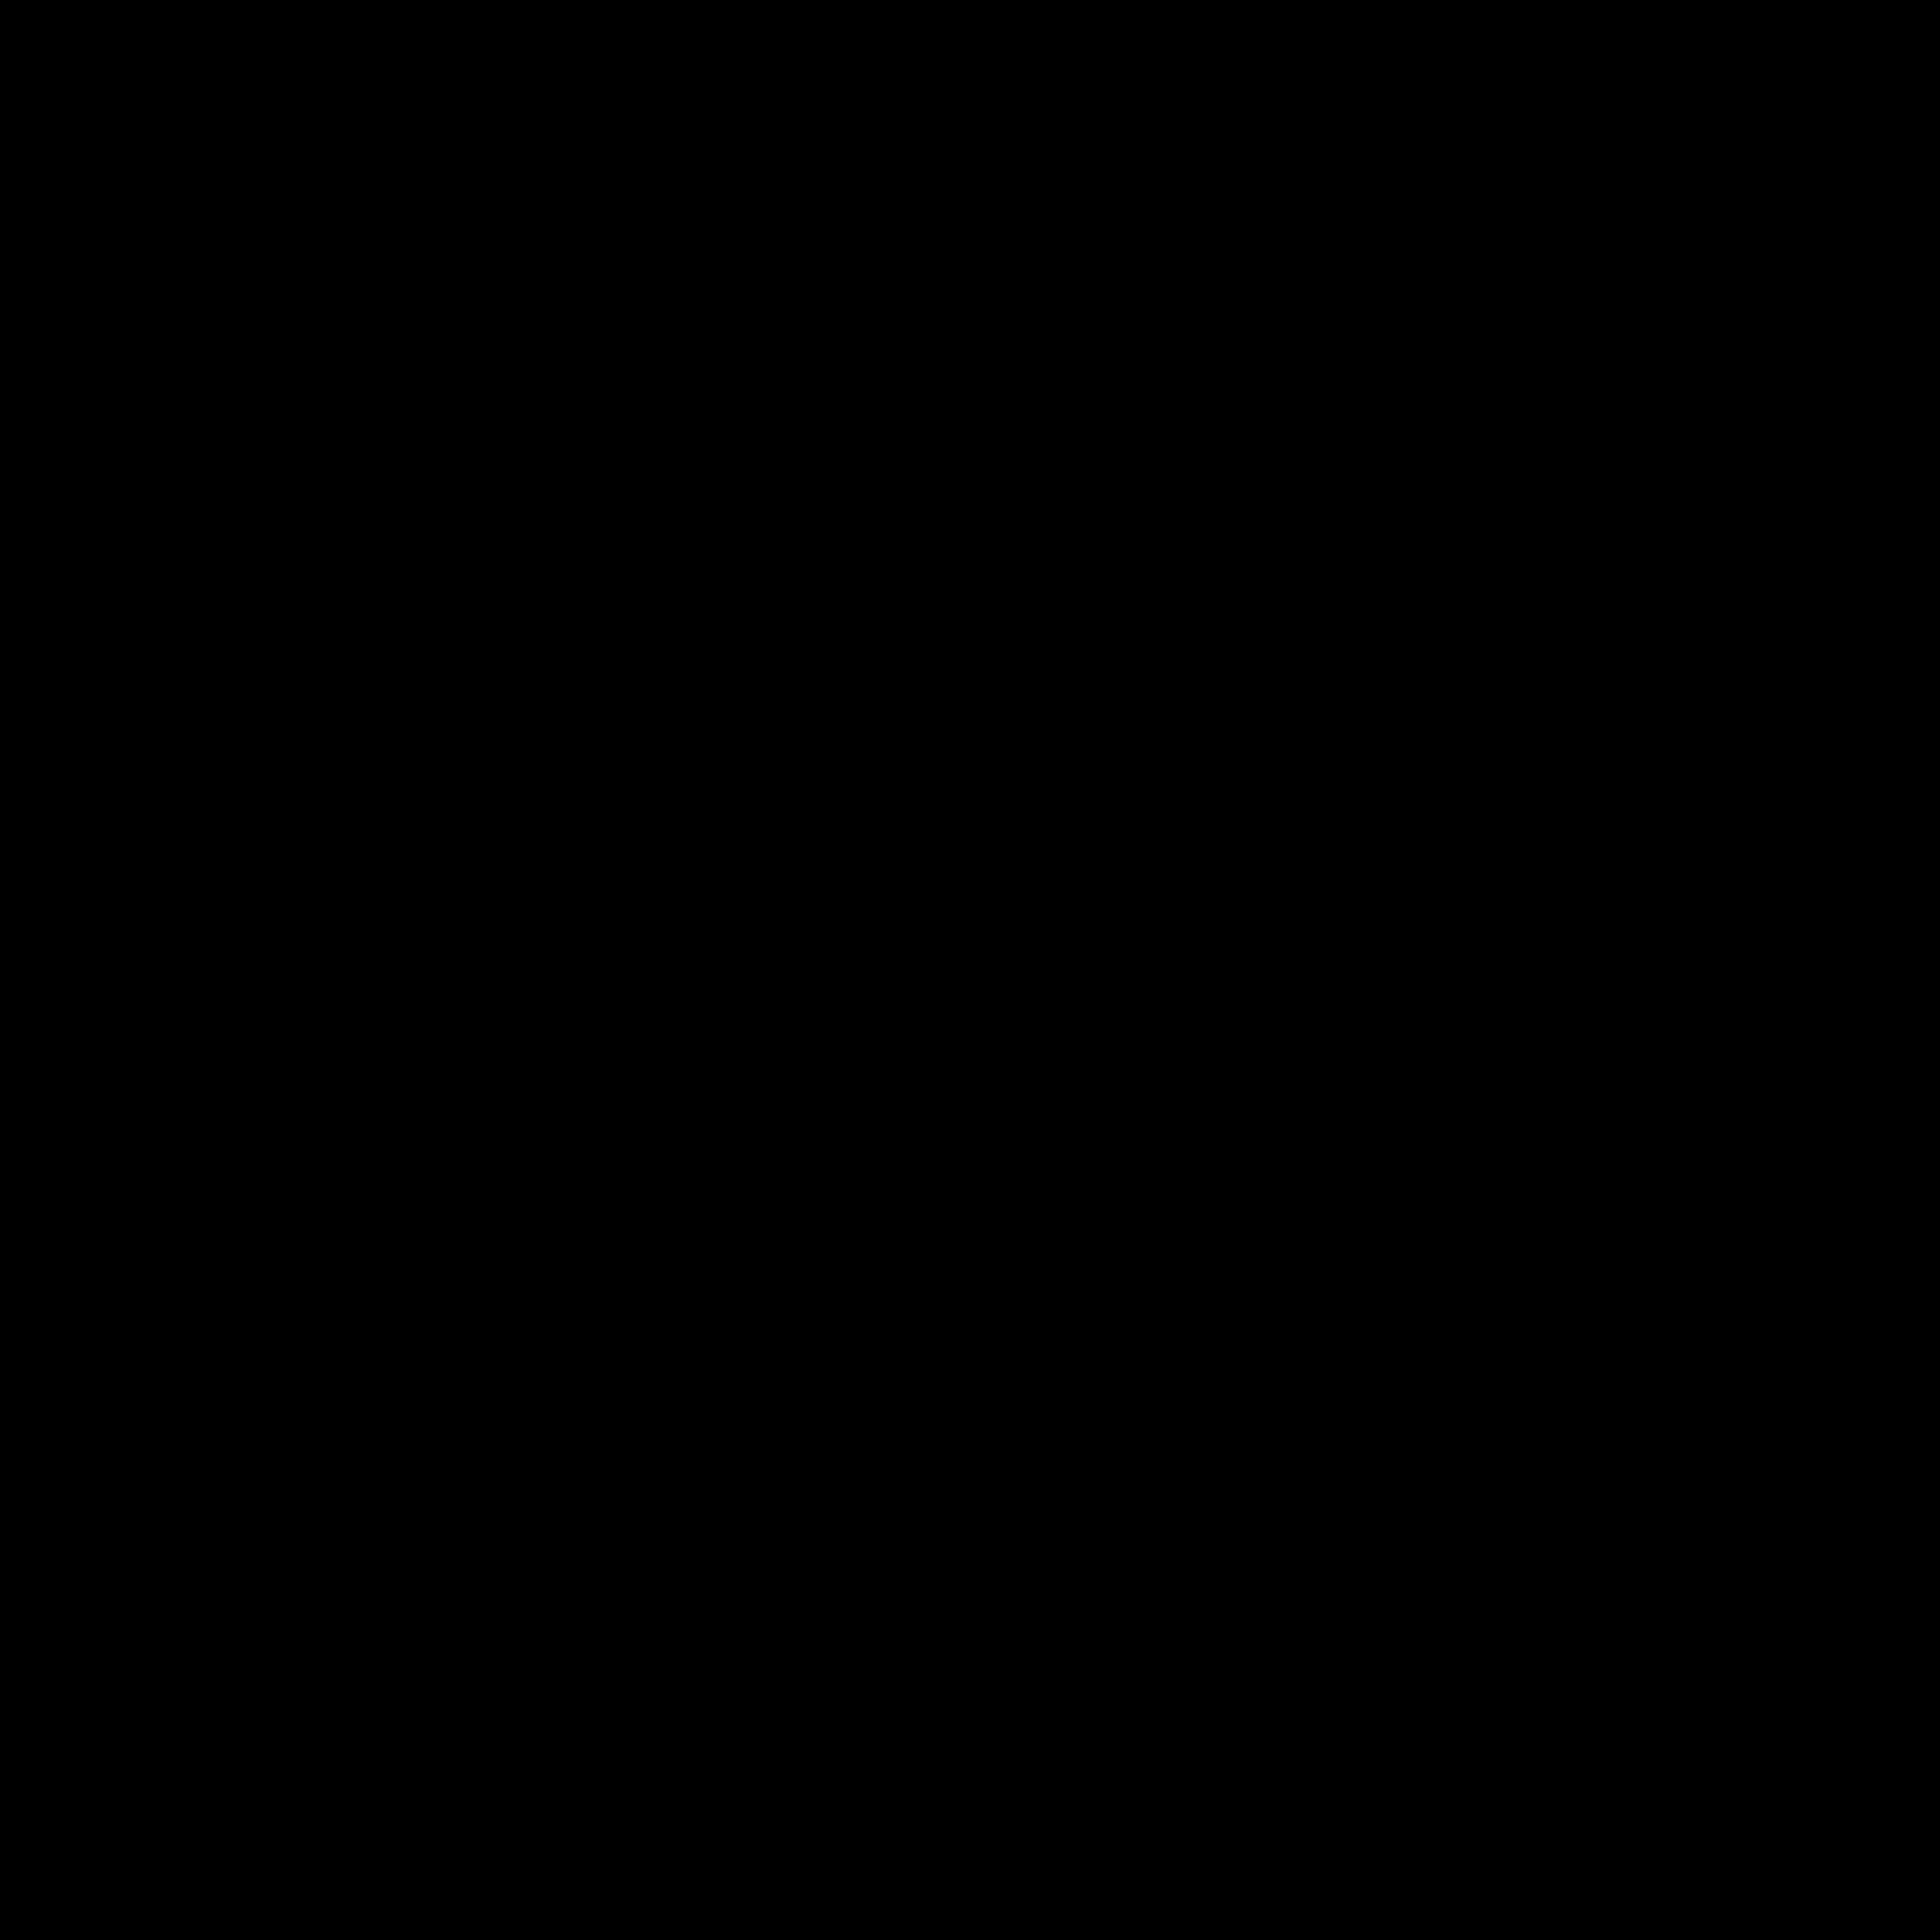 2000x2000 Filedice 2 B.svg